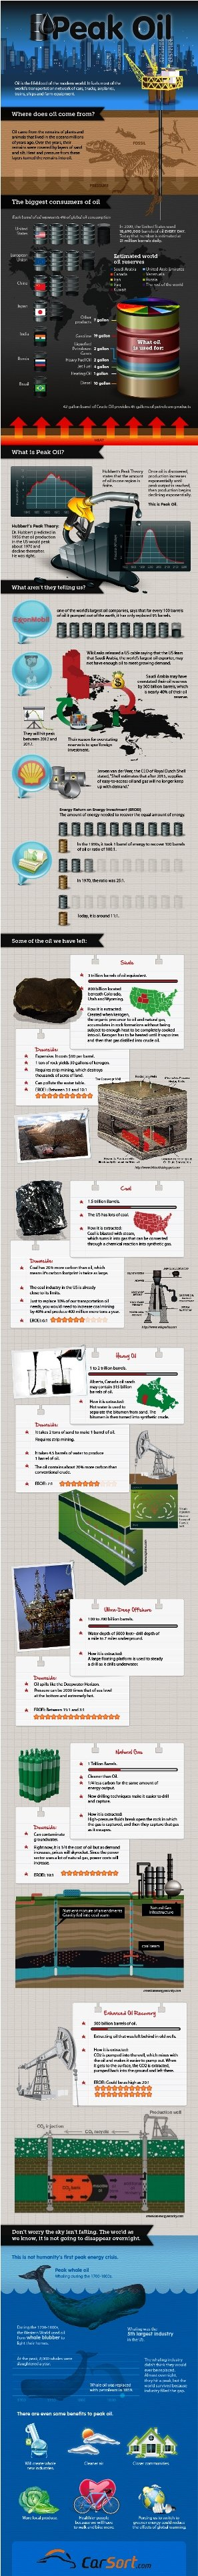 Peak Oil #Infographic